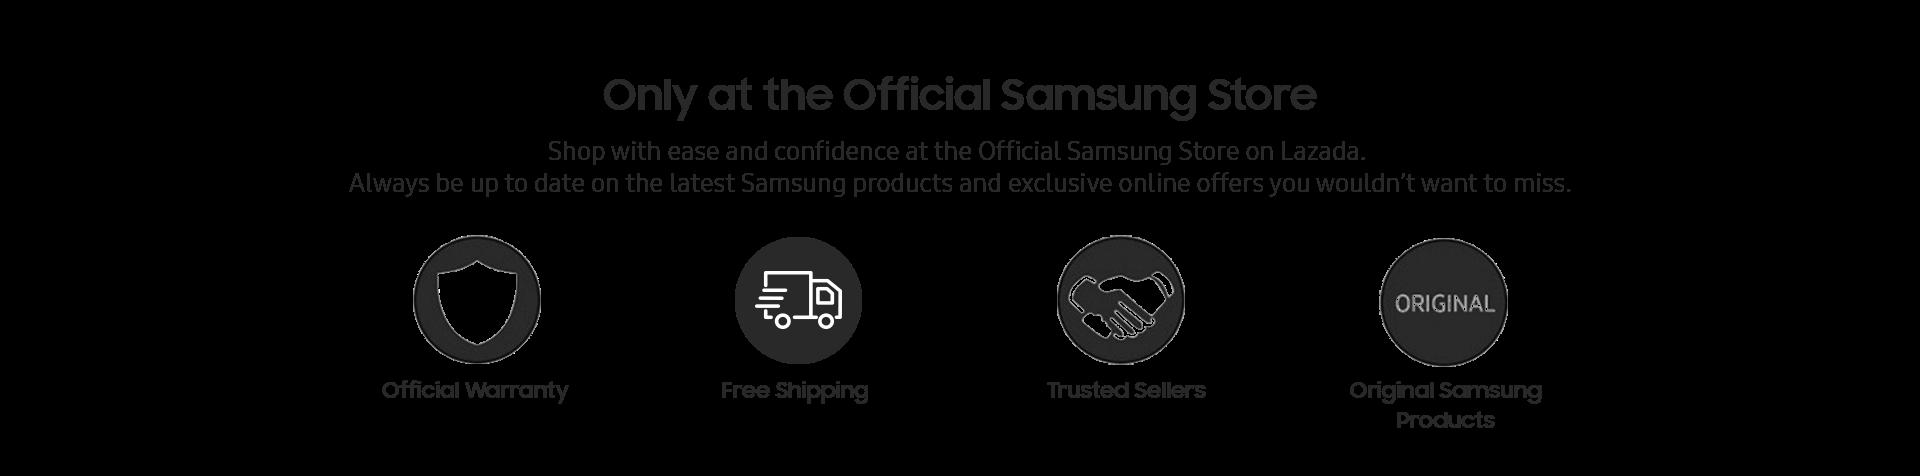 【优惠】Lazada 入手 Samsung Galaxy S20 系列获取 RM300 优惠卷 + RM378 赠品! 10